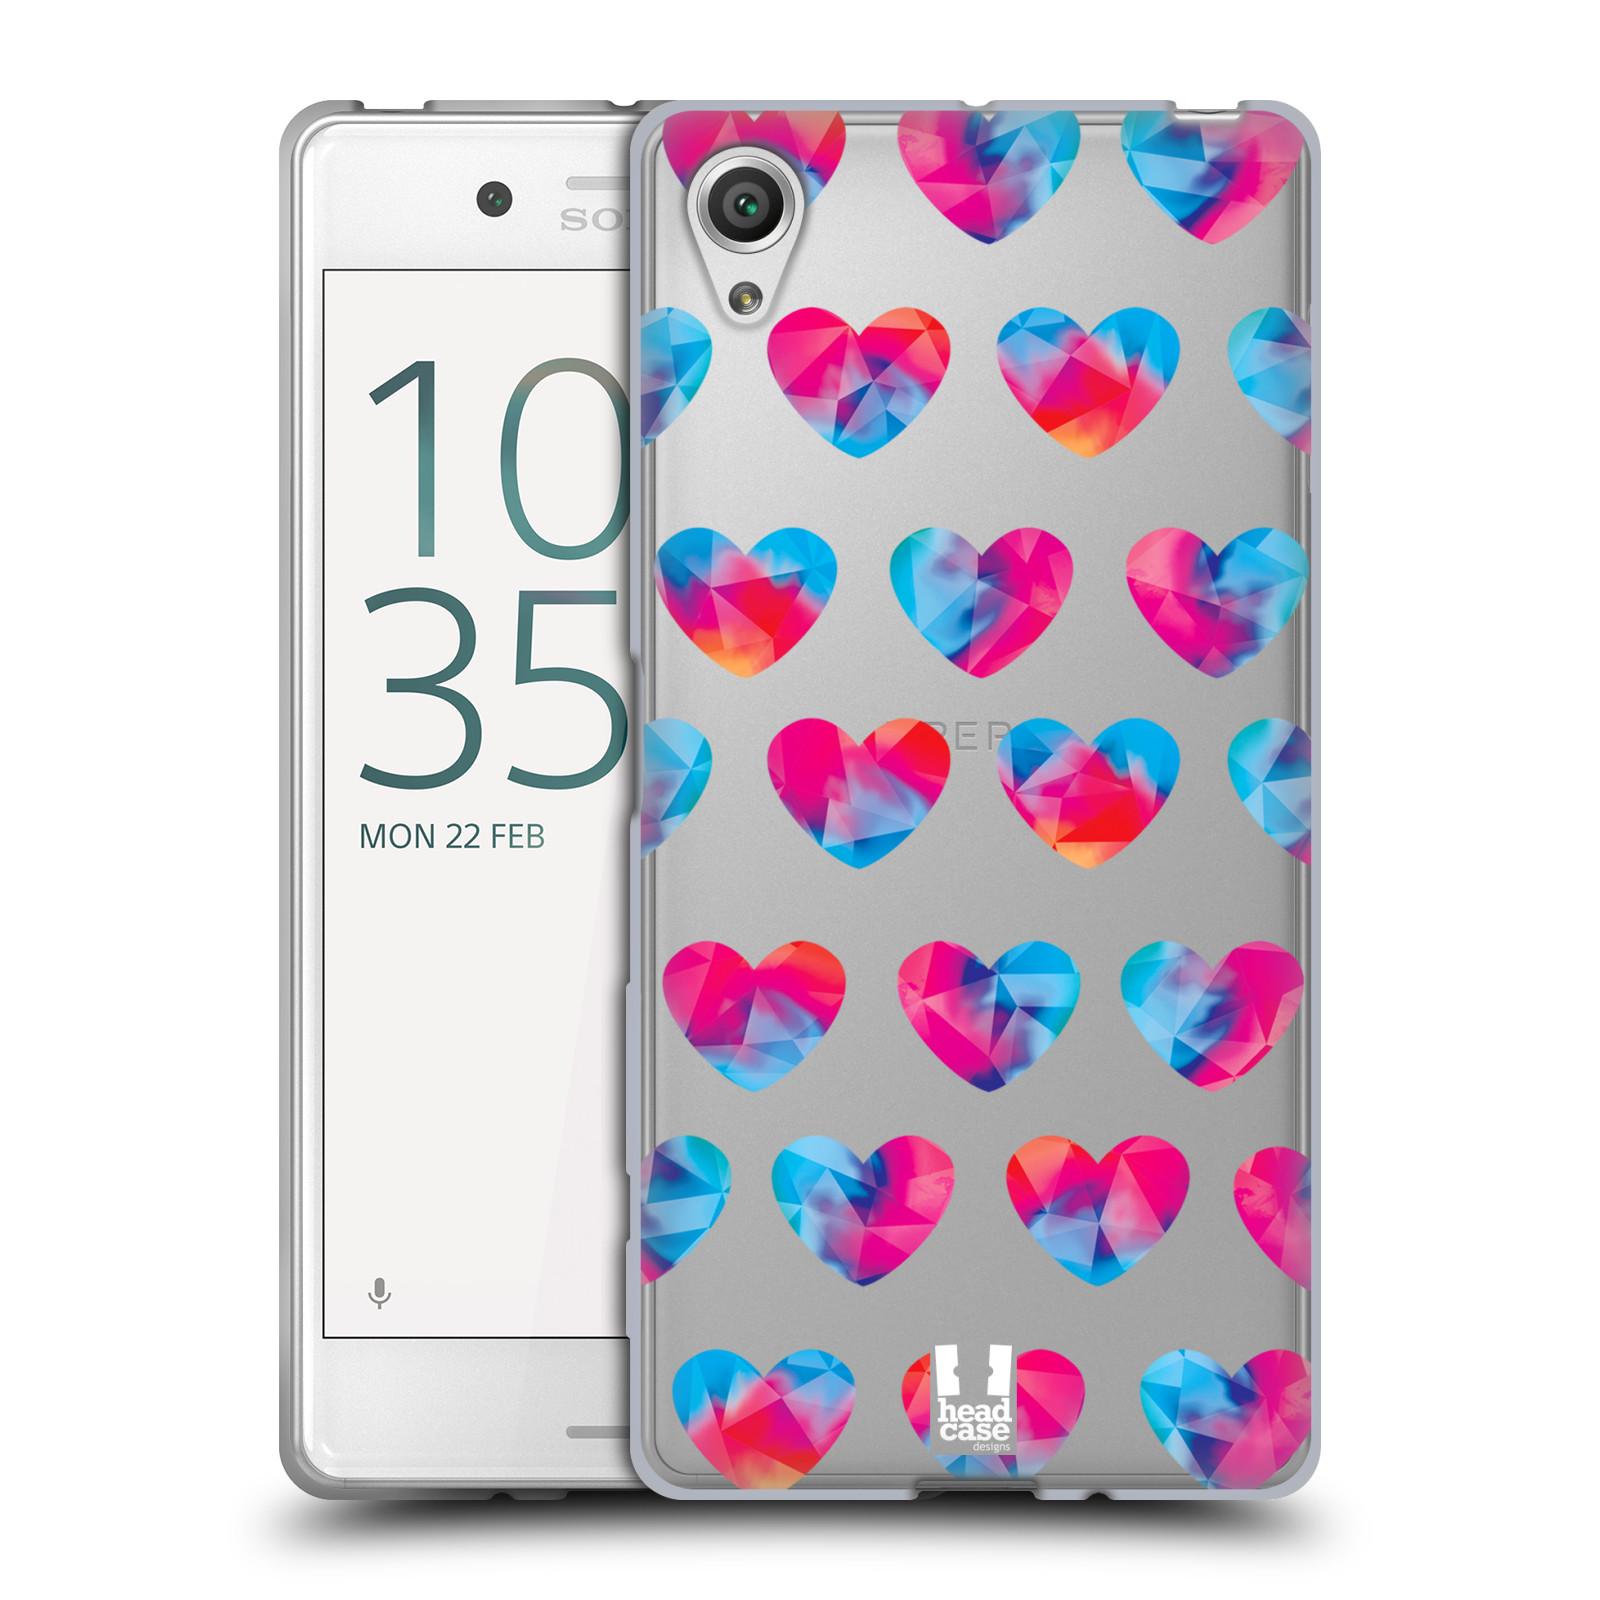 Silikonové pouzdro na mobil Sony Xperia X - Head Case - Srdíčka hrající barvami